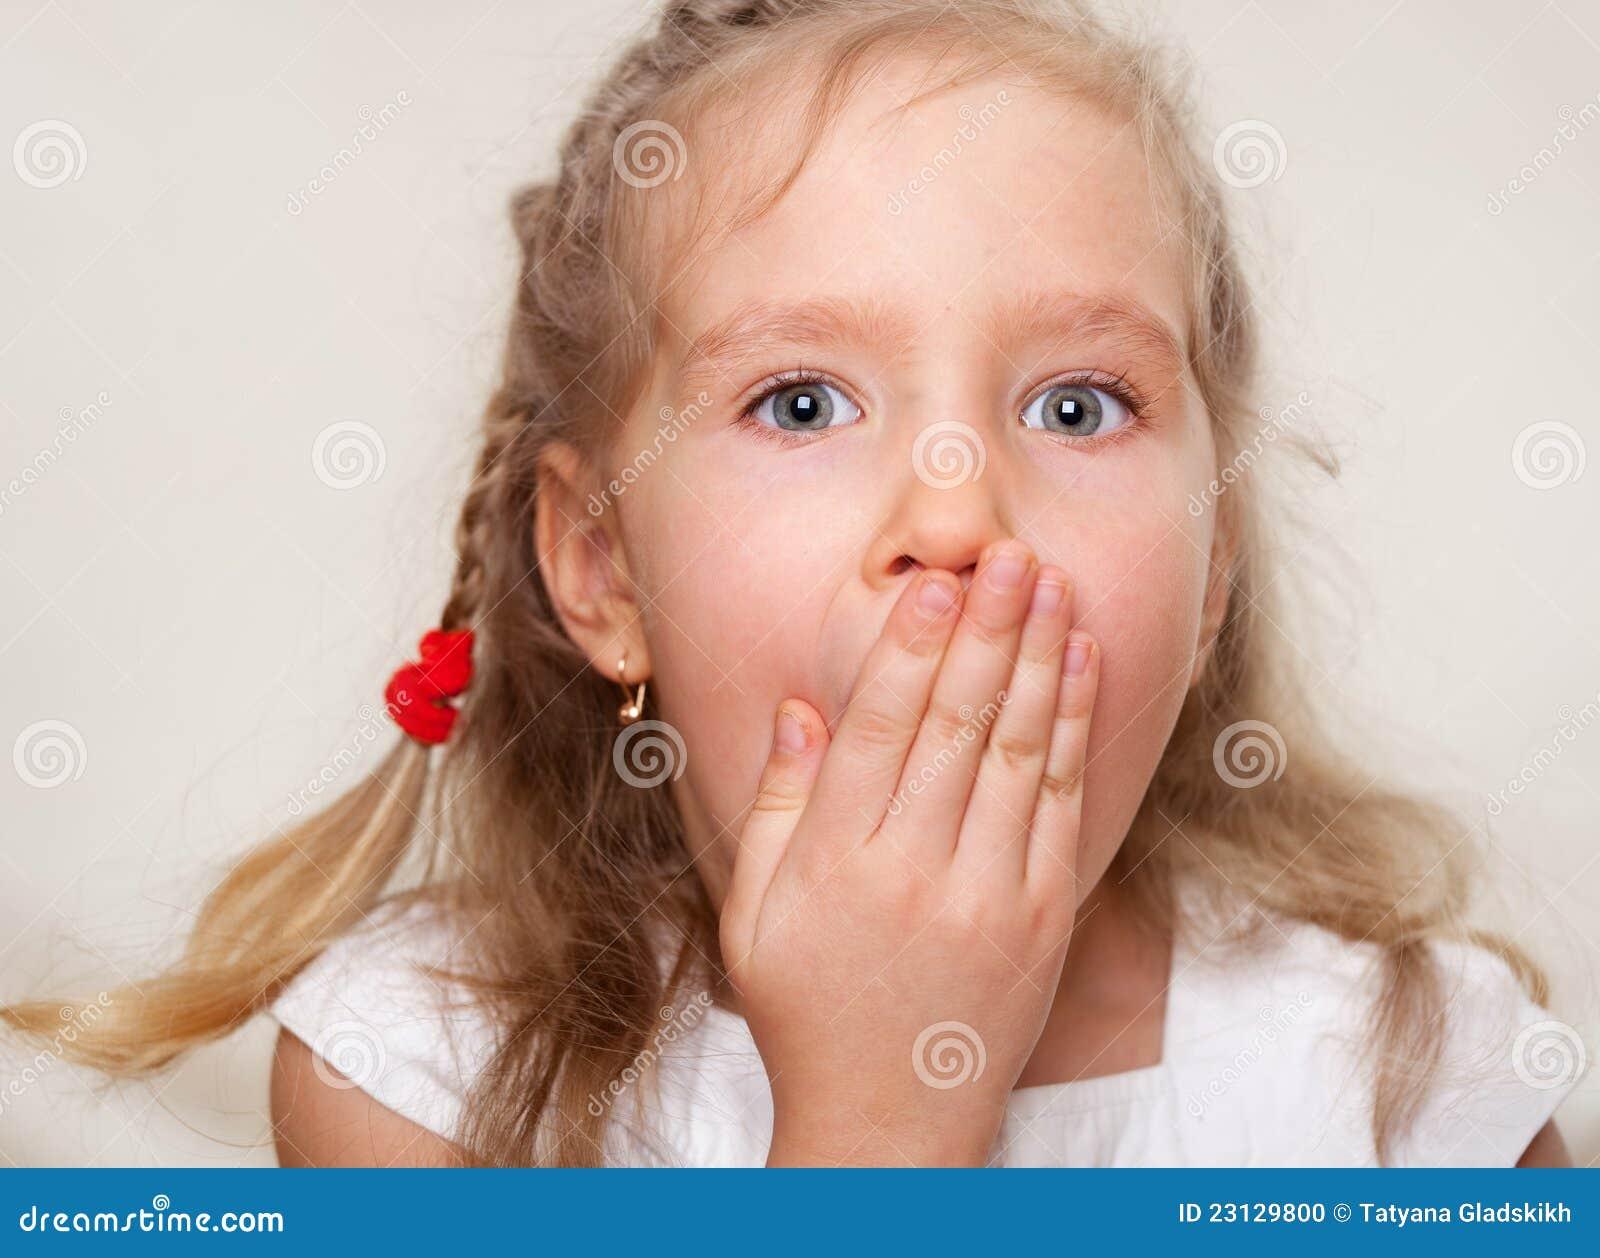 Фото девочка писает мальчику в рот 8 фотография